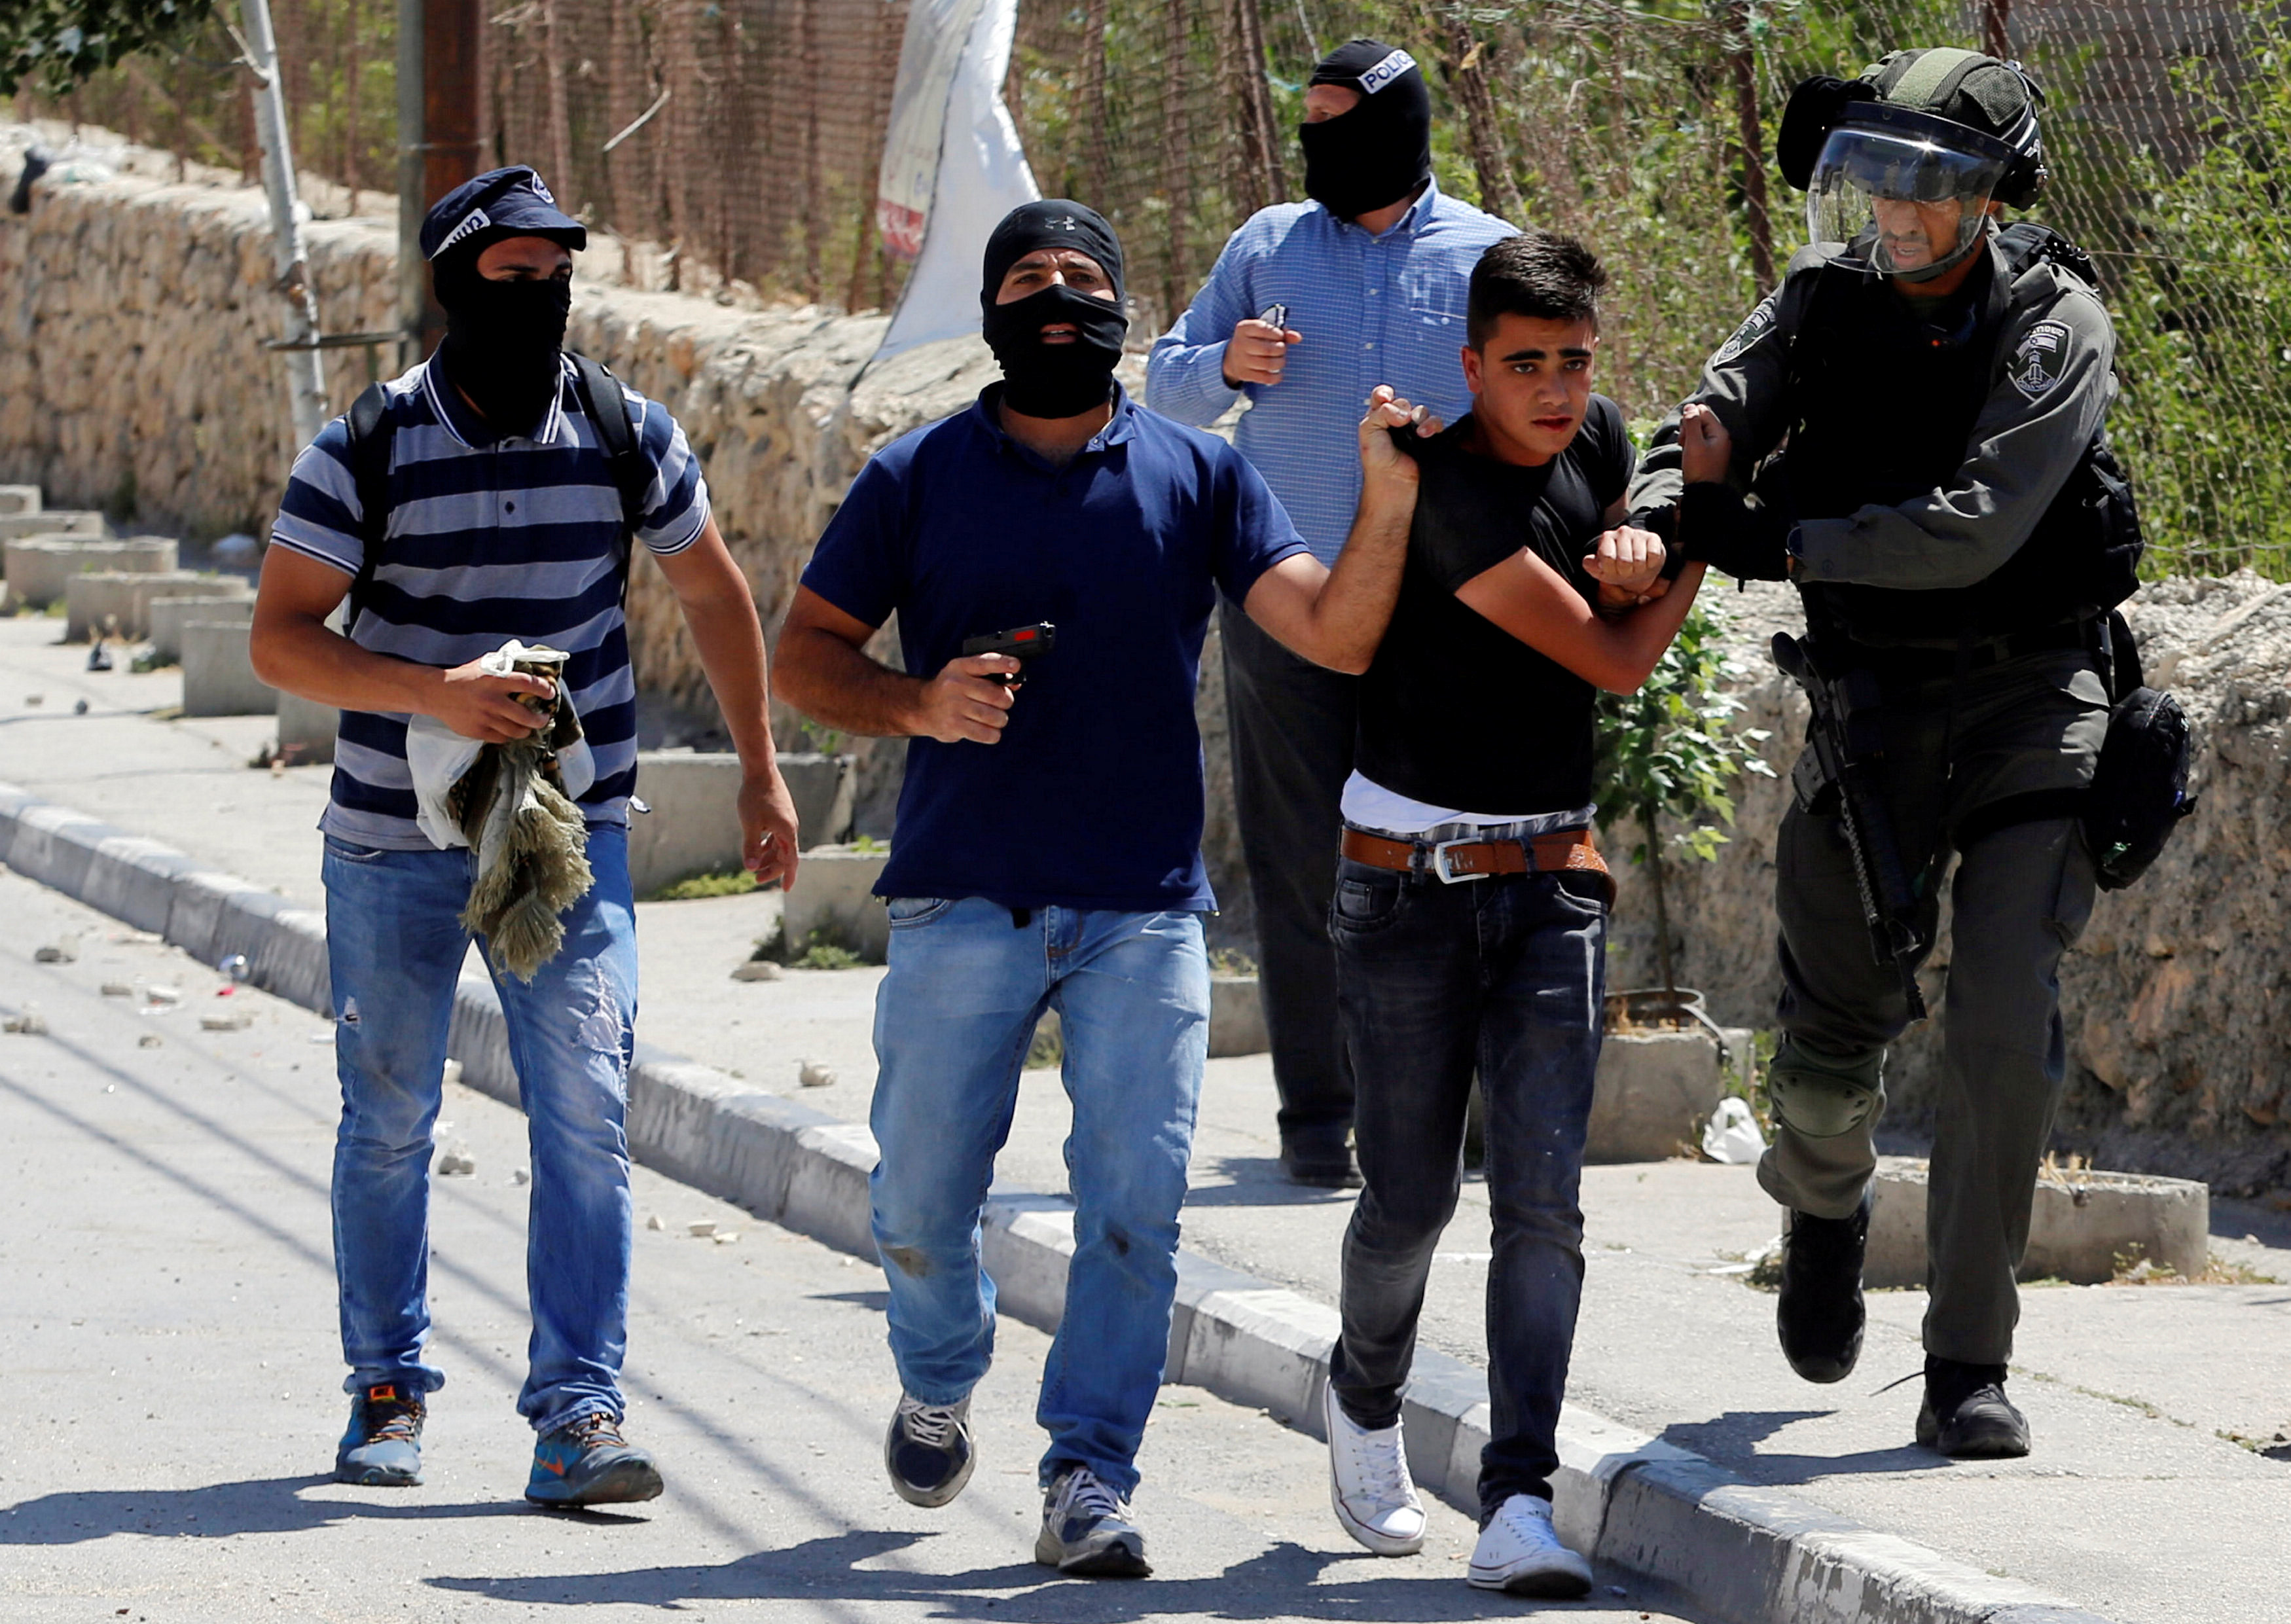 قوات الاحتلال تعتقل فلسطينيا فى بيت لحم